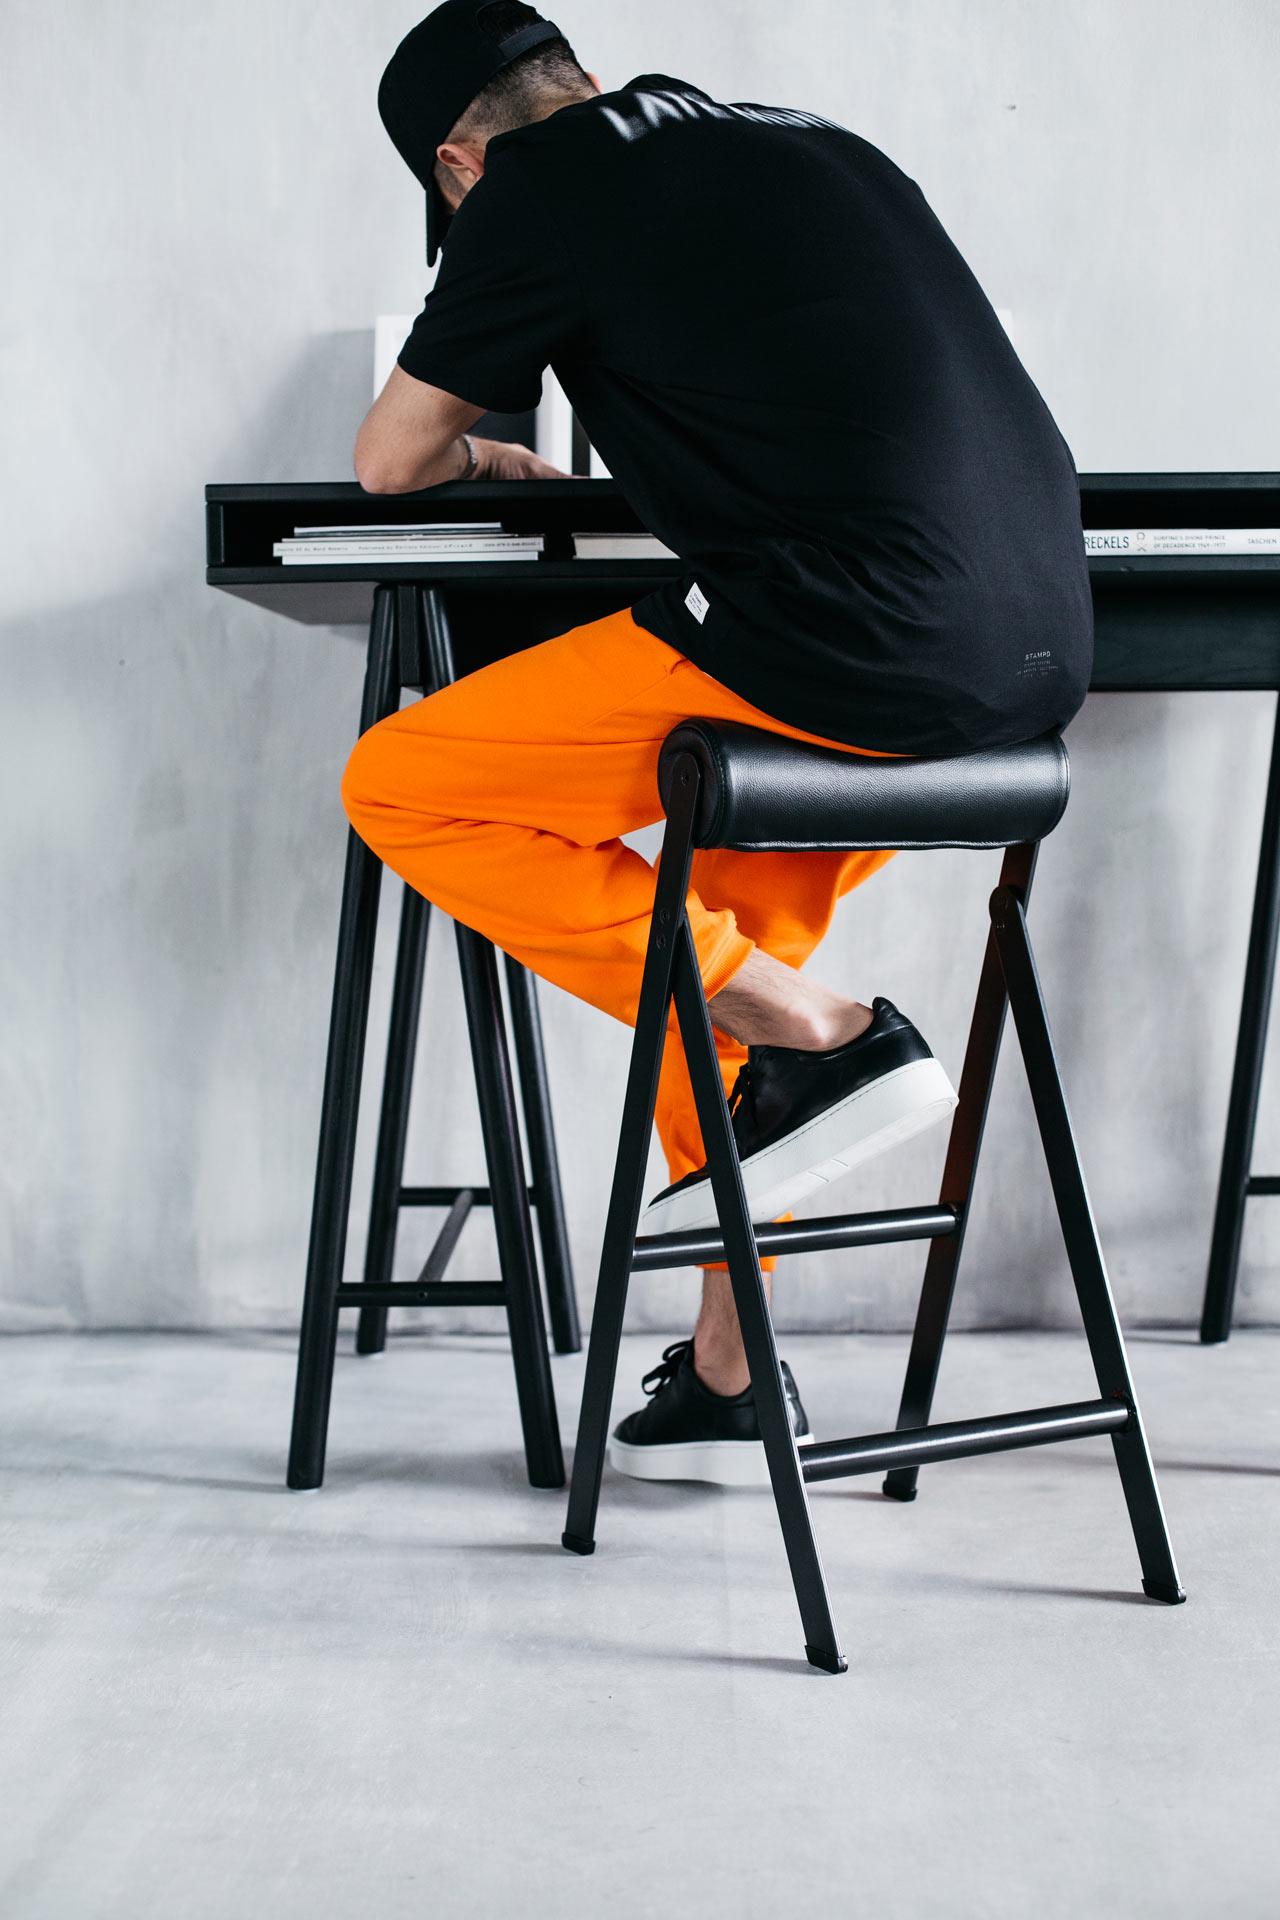 Mężczyzna w czarnej koszulce i pomarańczowych spodniach siedzi na czarnym stołku przy czarnym biurku.